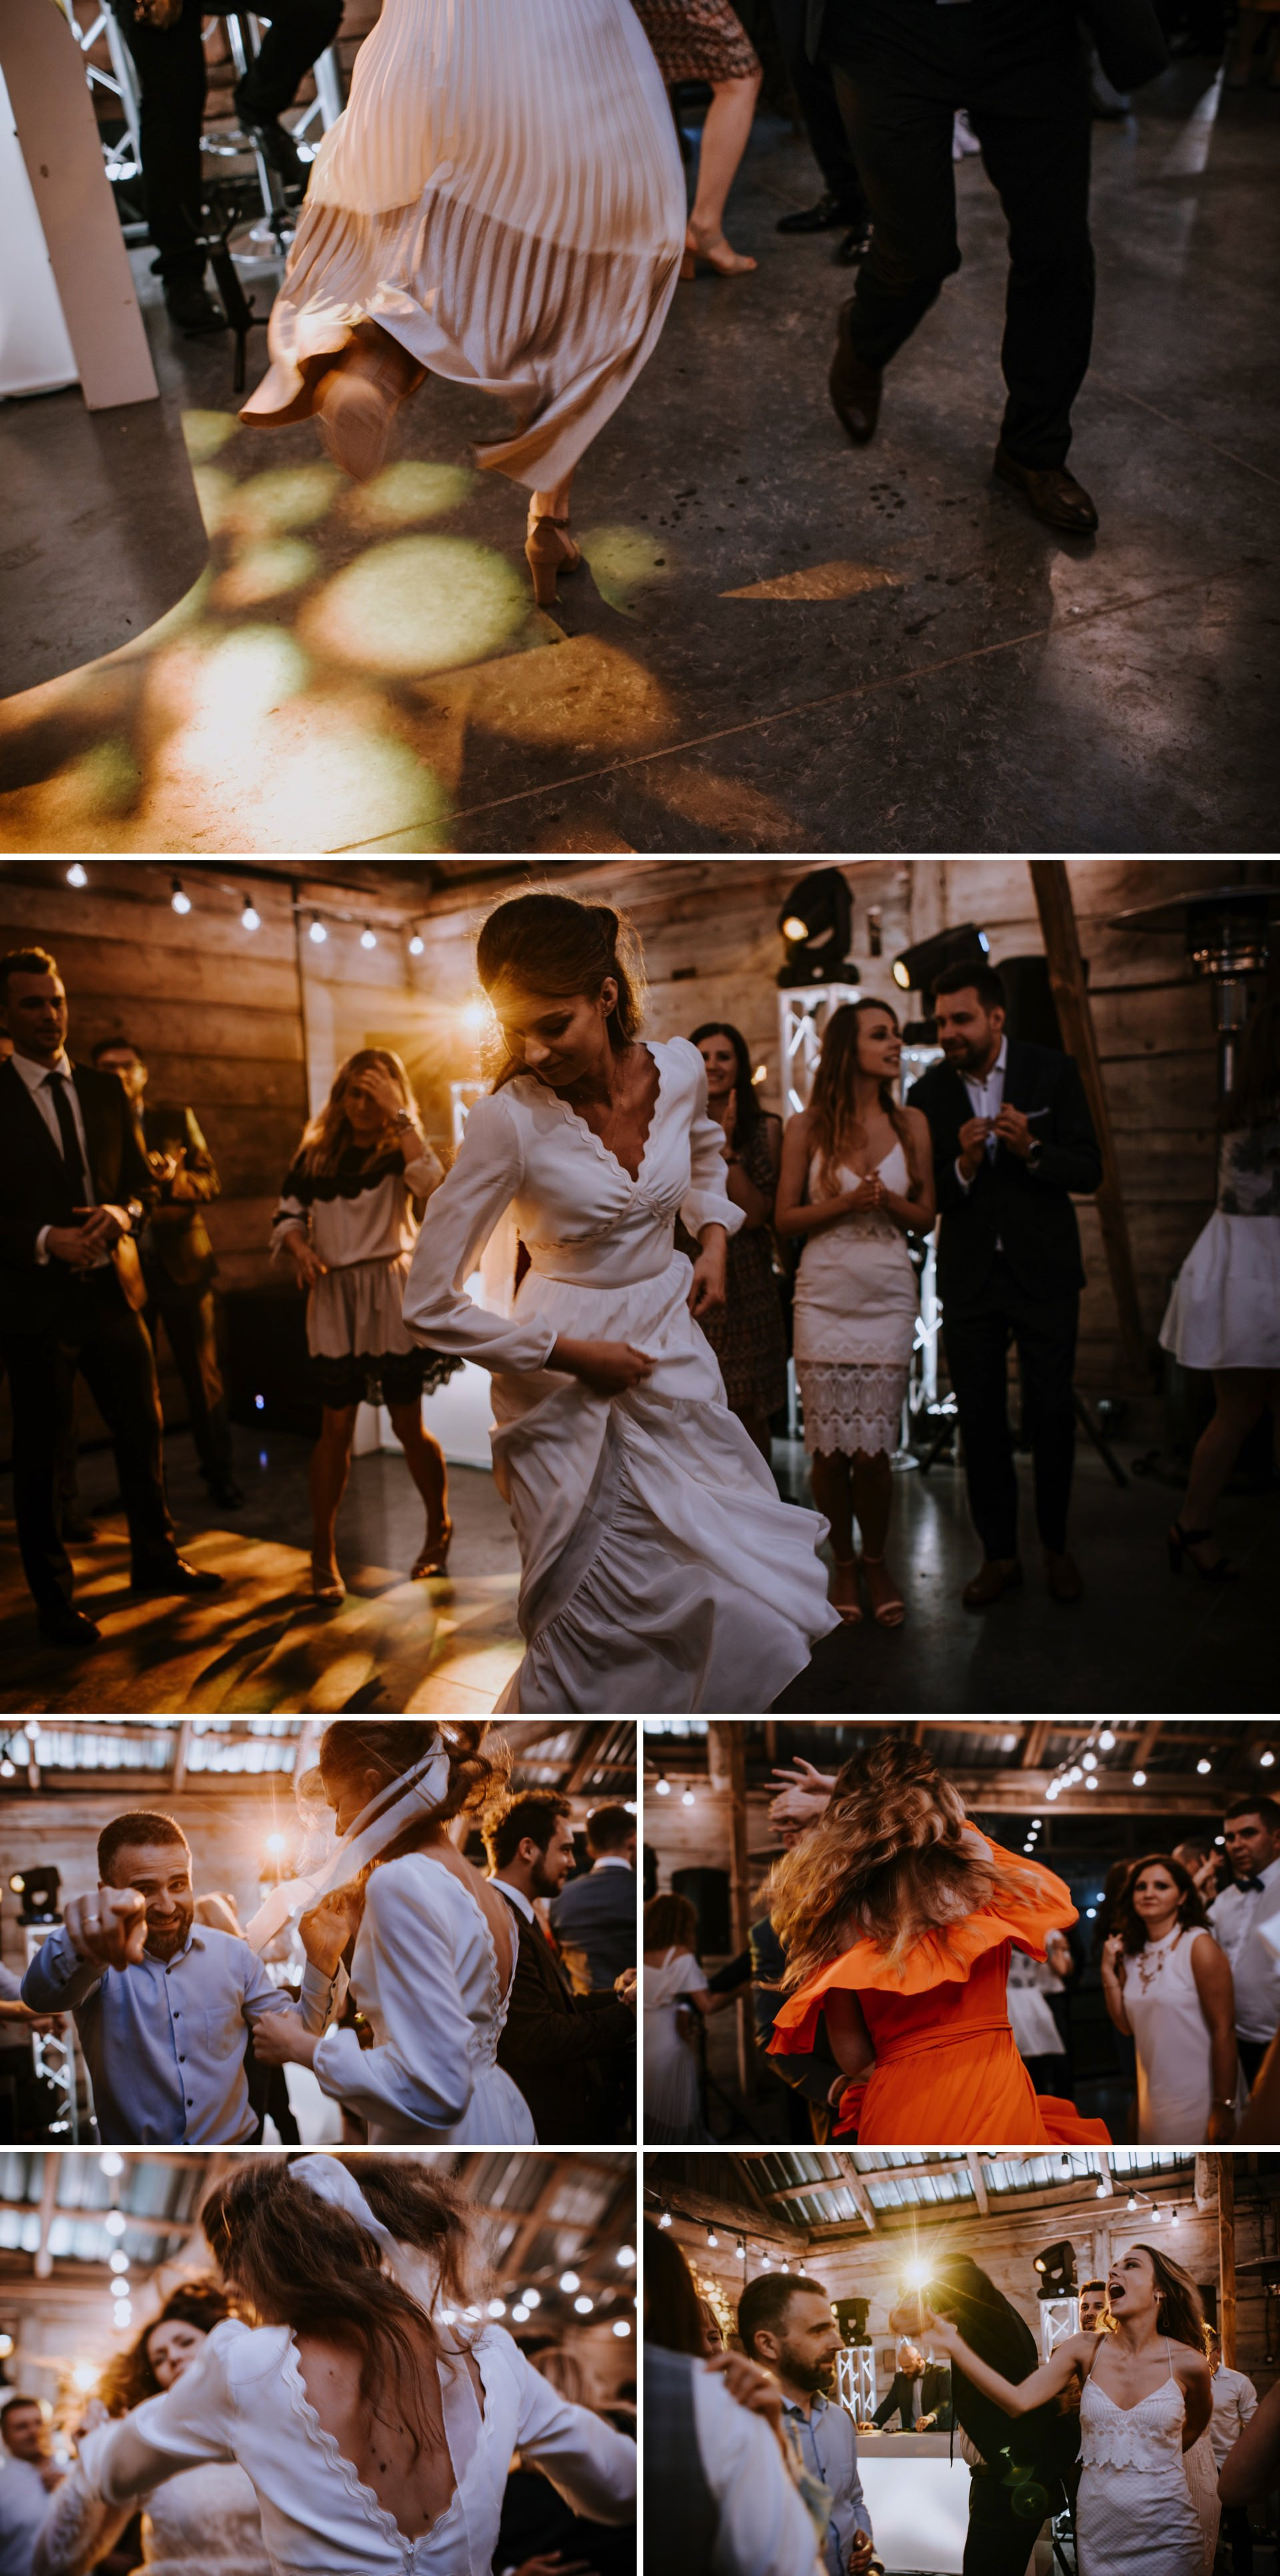 tańce w stodole